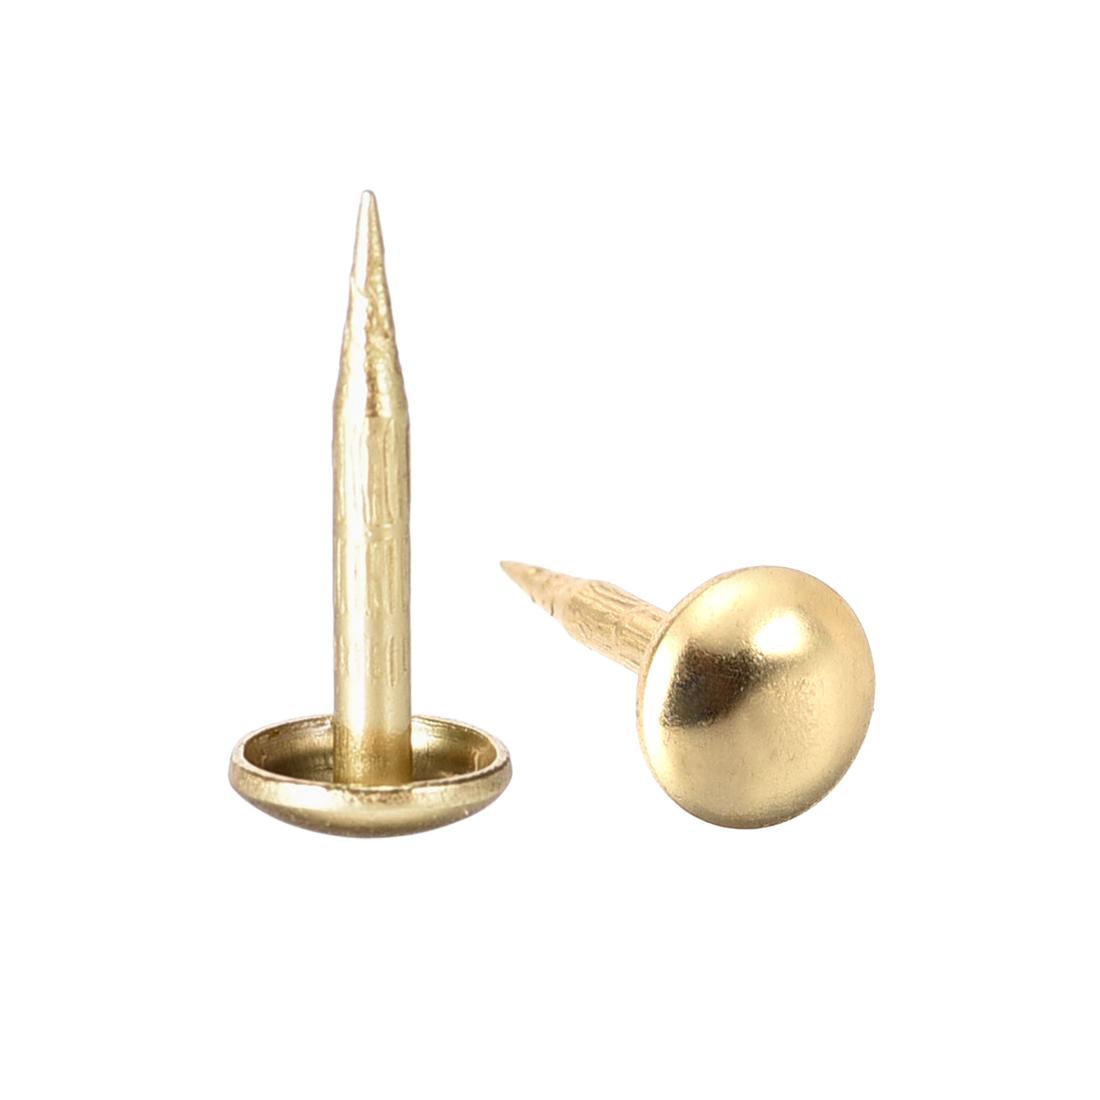 Upholstery Nails Tacks 6mm Dia 11mm Height Round Thumb Pins Gold Tone 150 Pcs